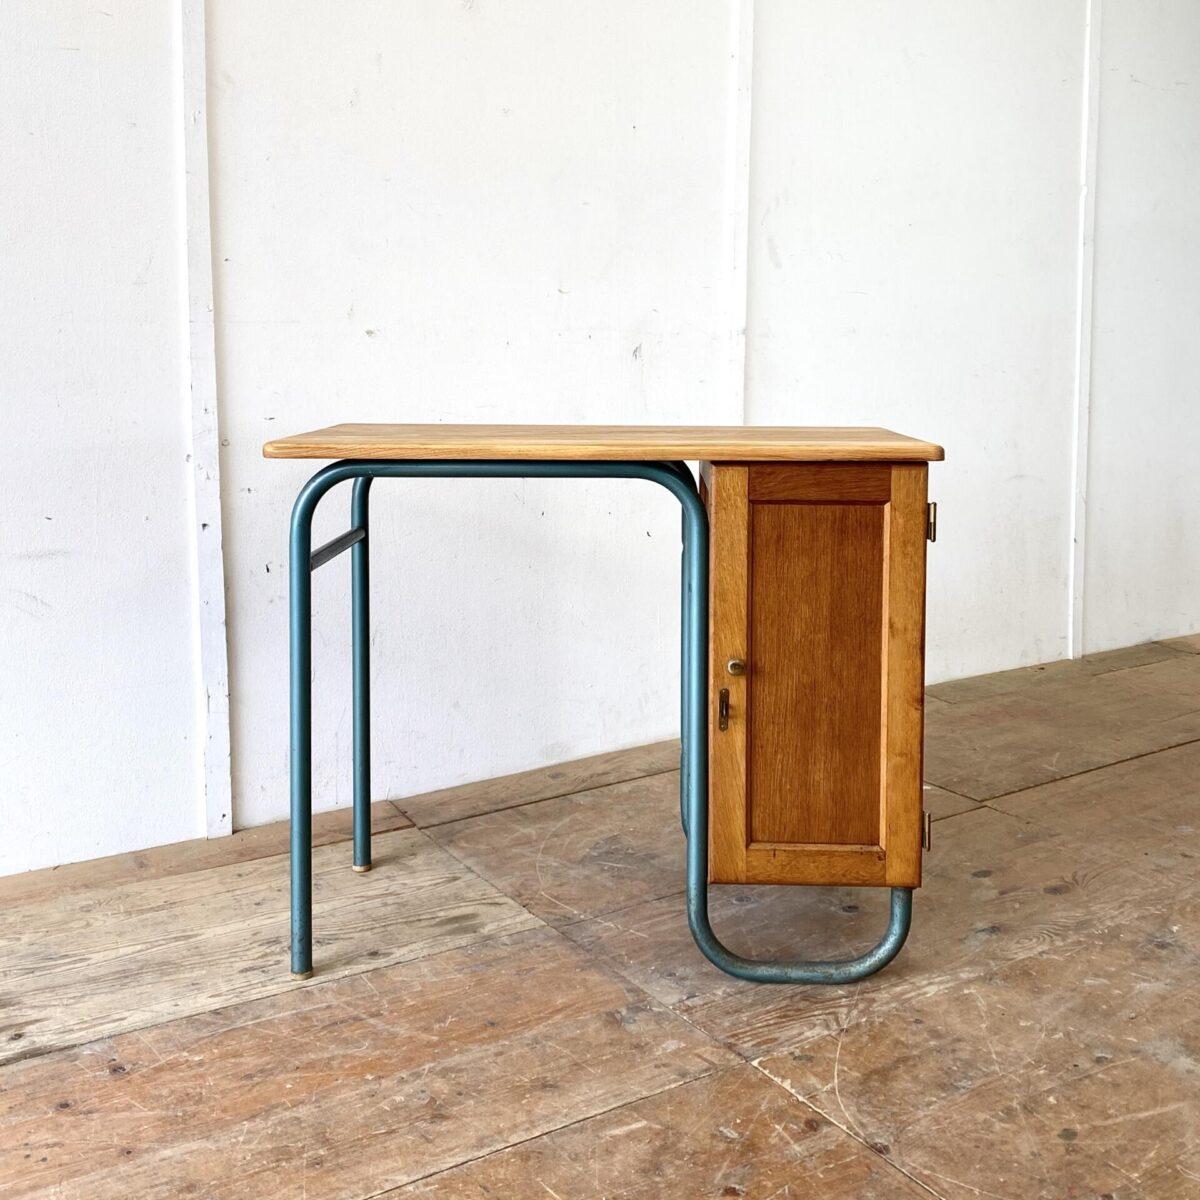 Deuxieme.shop Bauhaus Tisch Thonet Breuer. Kleiner Eichen Schreibtisch mit gebogenem Stahlrohr Gestell. Tischblatt Vollholz, Unterschrank teilweise furniert. Das Schränkli kann mittels Vorhängeschloss, abgeschlossen werden. Das Metall Gestell hat Patina und Rost Sprenkel. Hersteller und genaues Alter sind unbekannt.